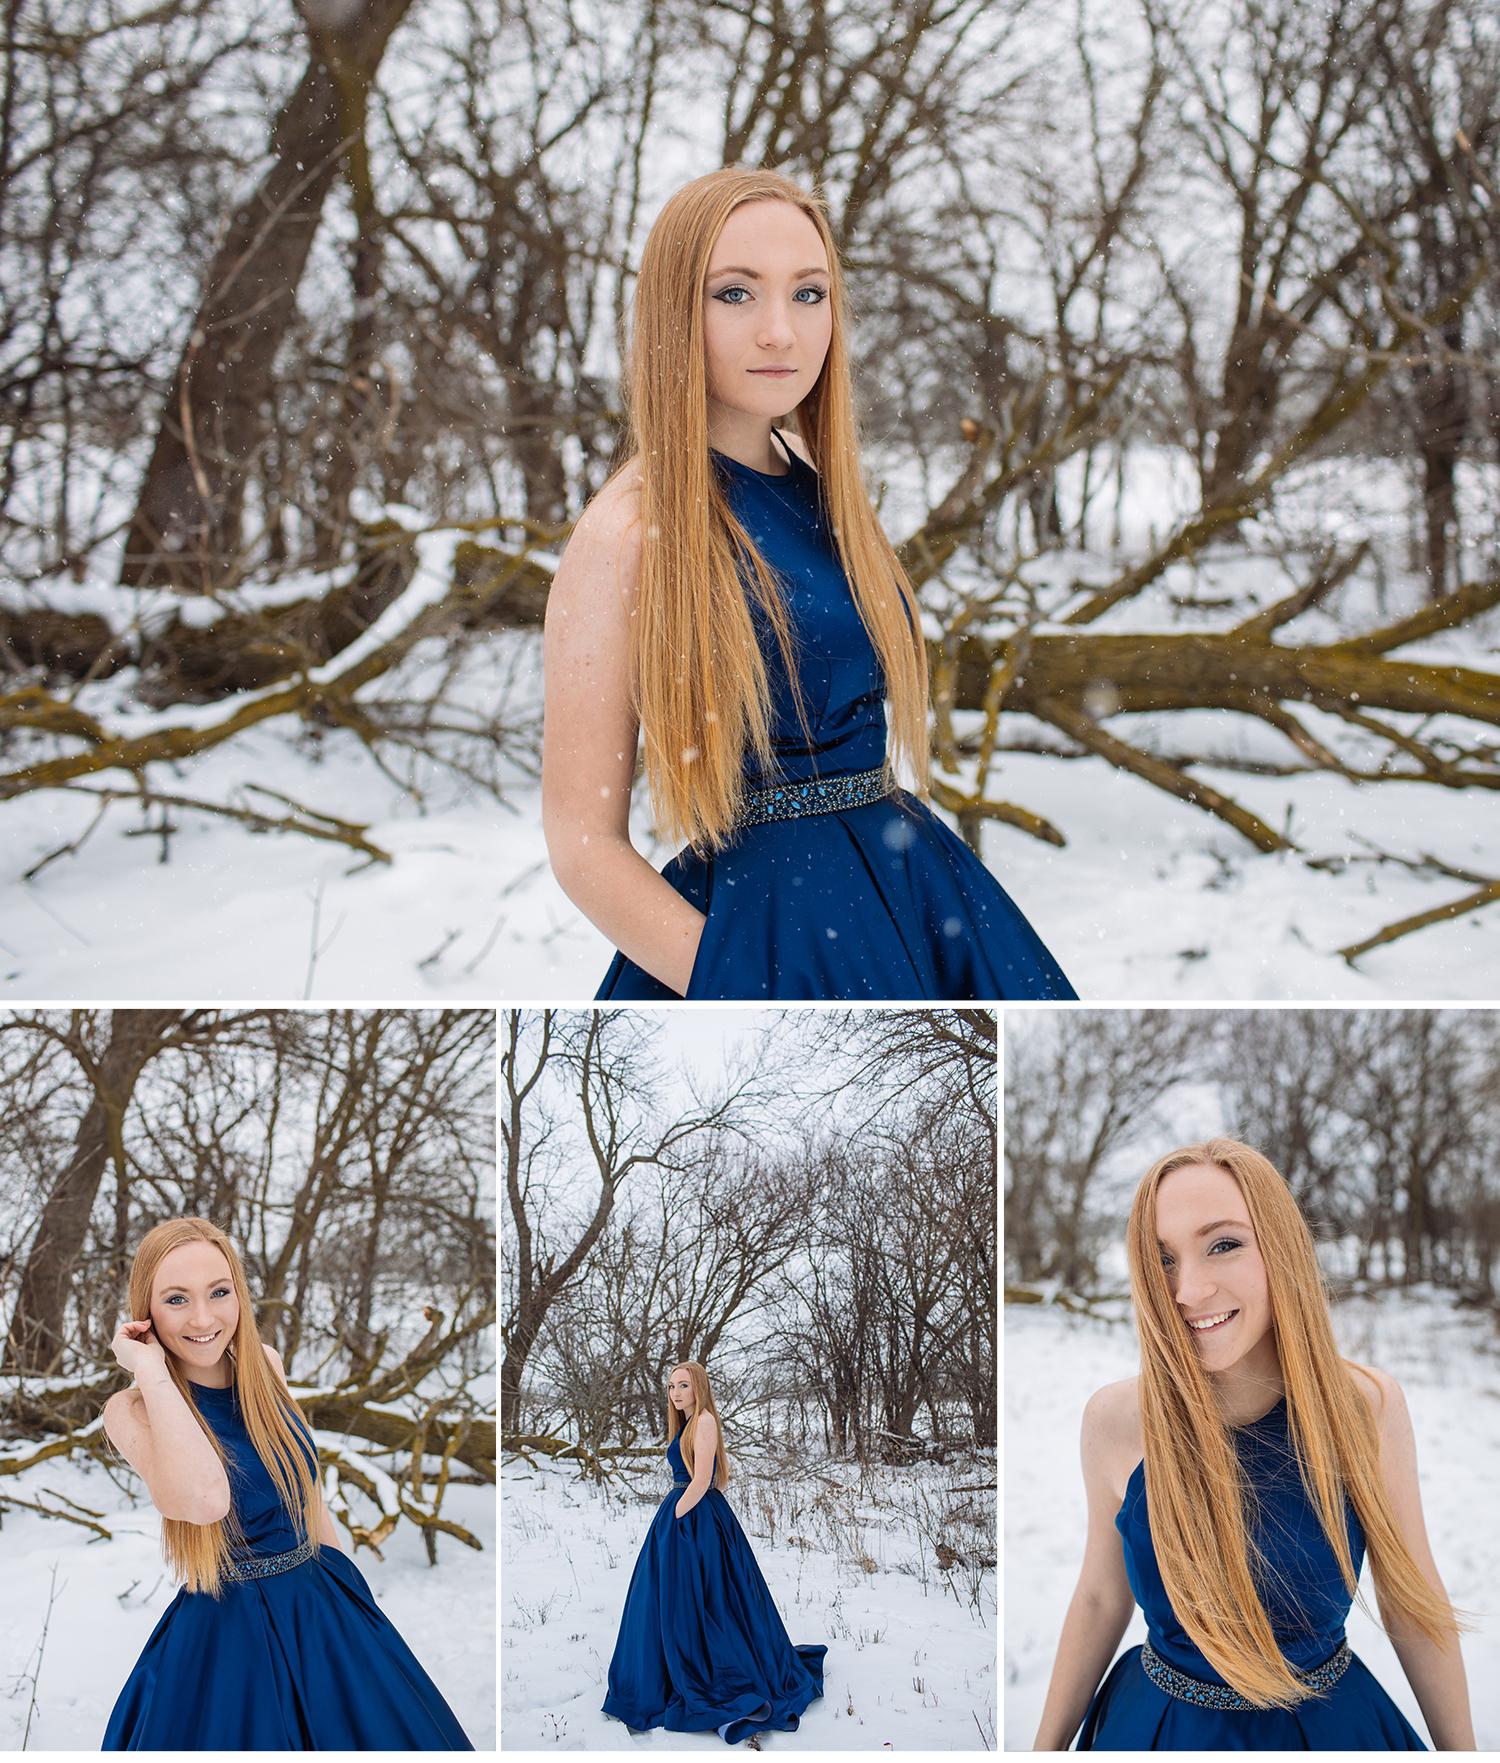 kaylee-winter2.jpg